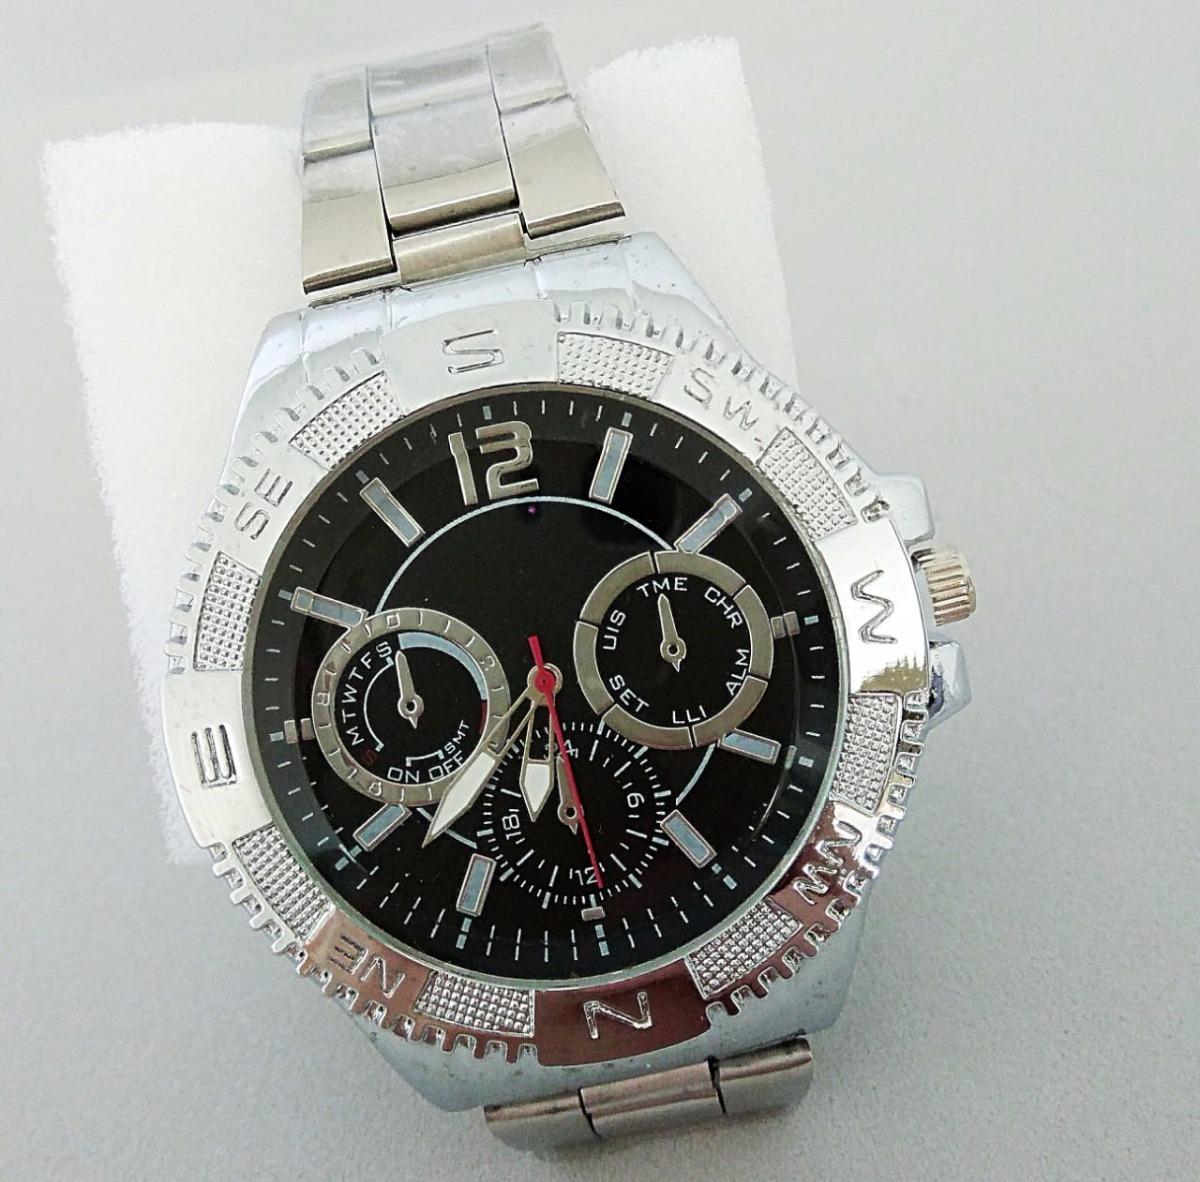 f36a8bcf71d relógio de pulso masculino prateado elite luxuoso promoção. Carregando zoom.